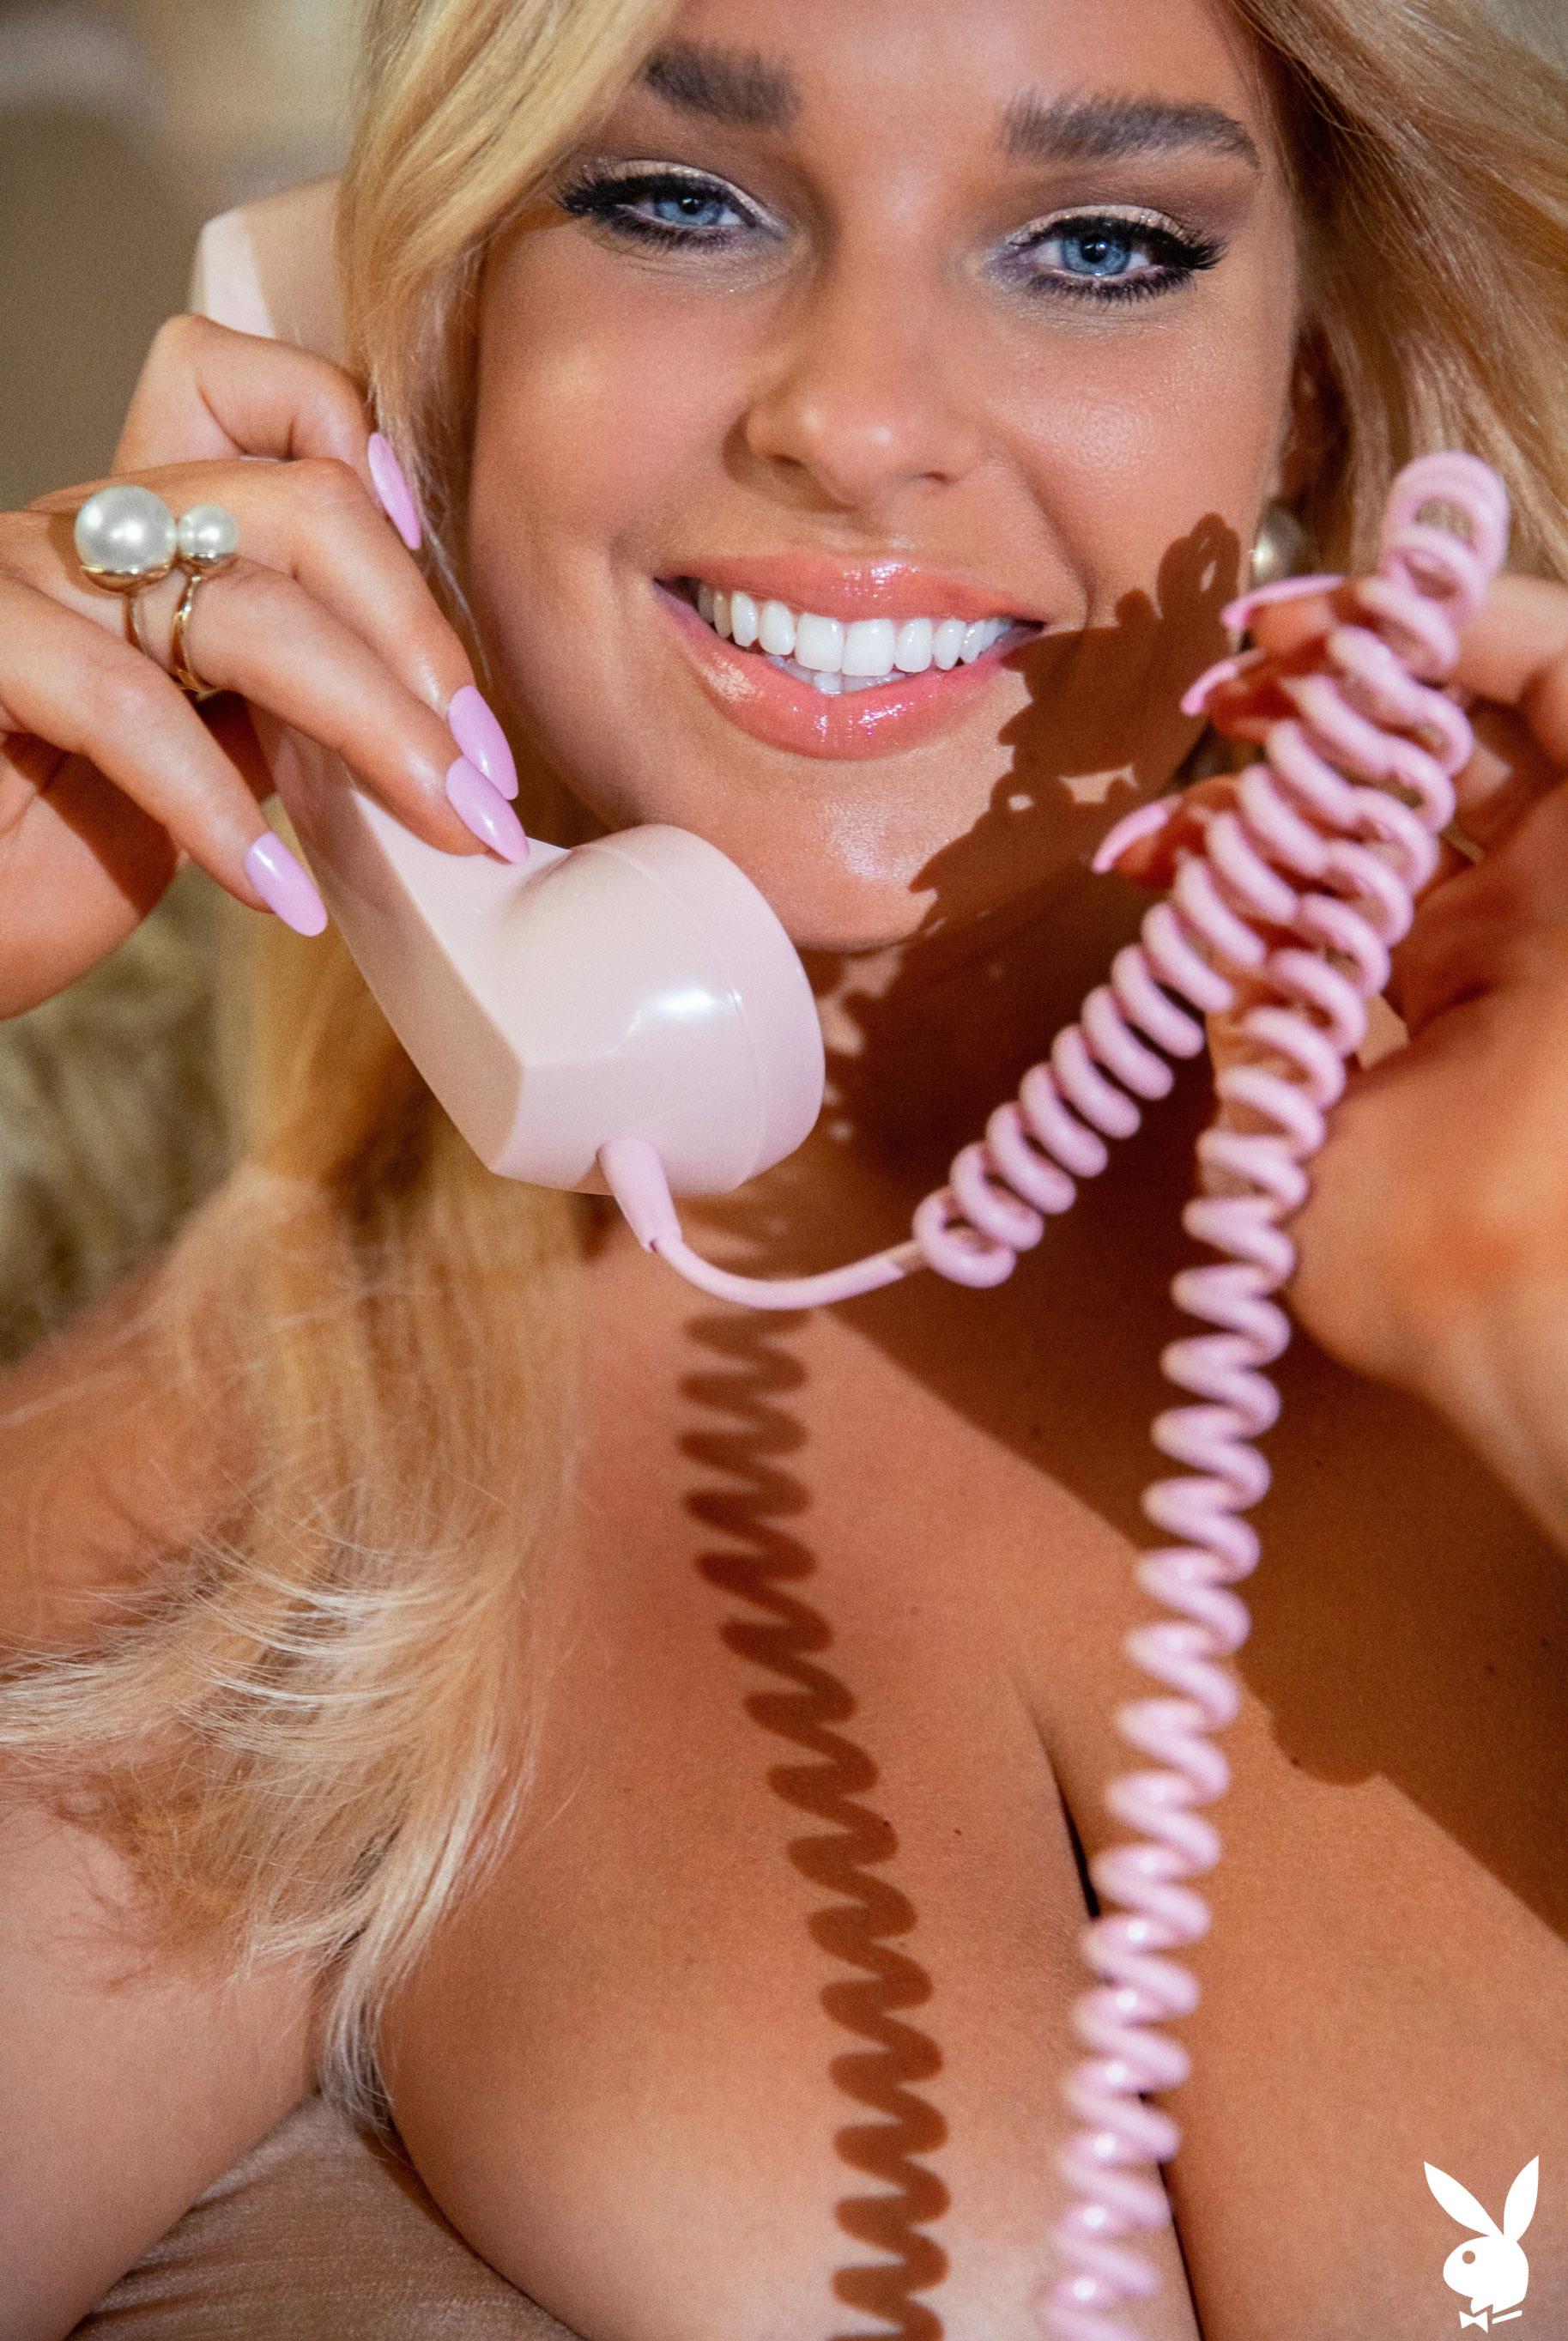 Девушка месяца Ali Chanel - Playboy США / фото 08